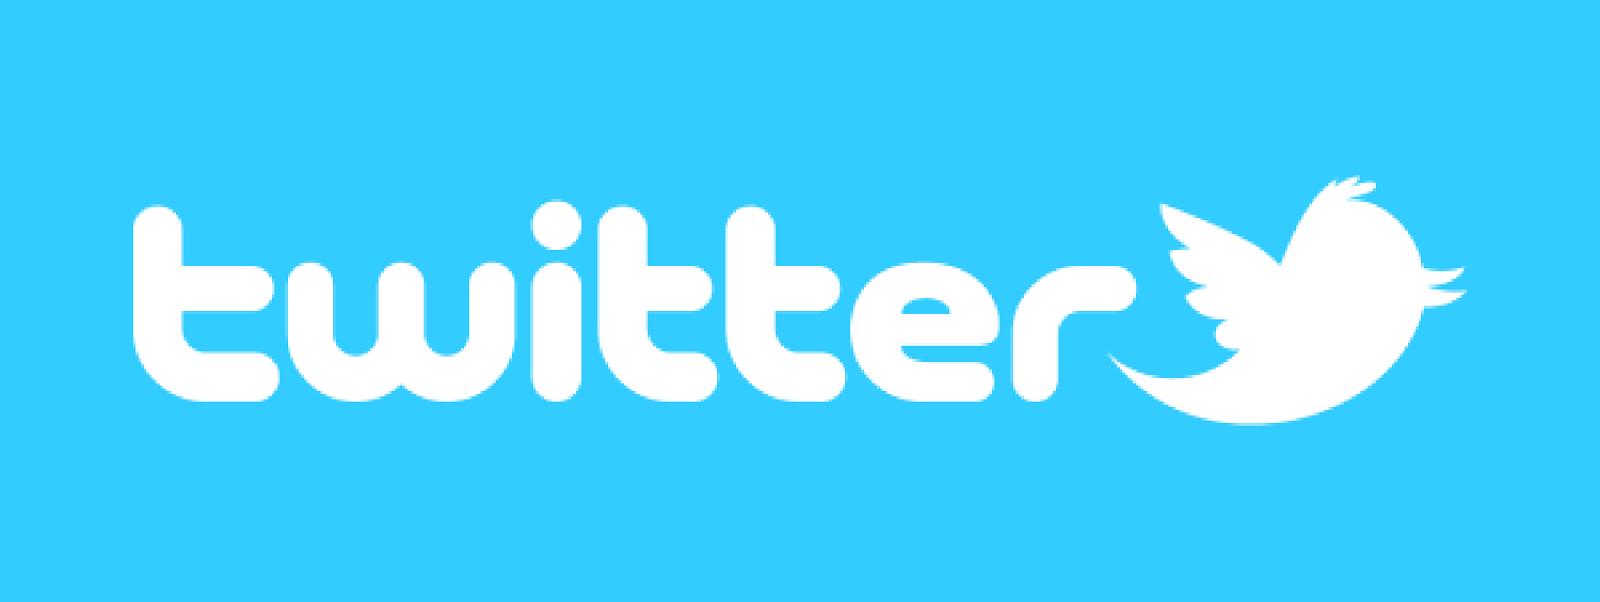 My poor neglected Twitter!